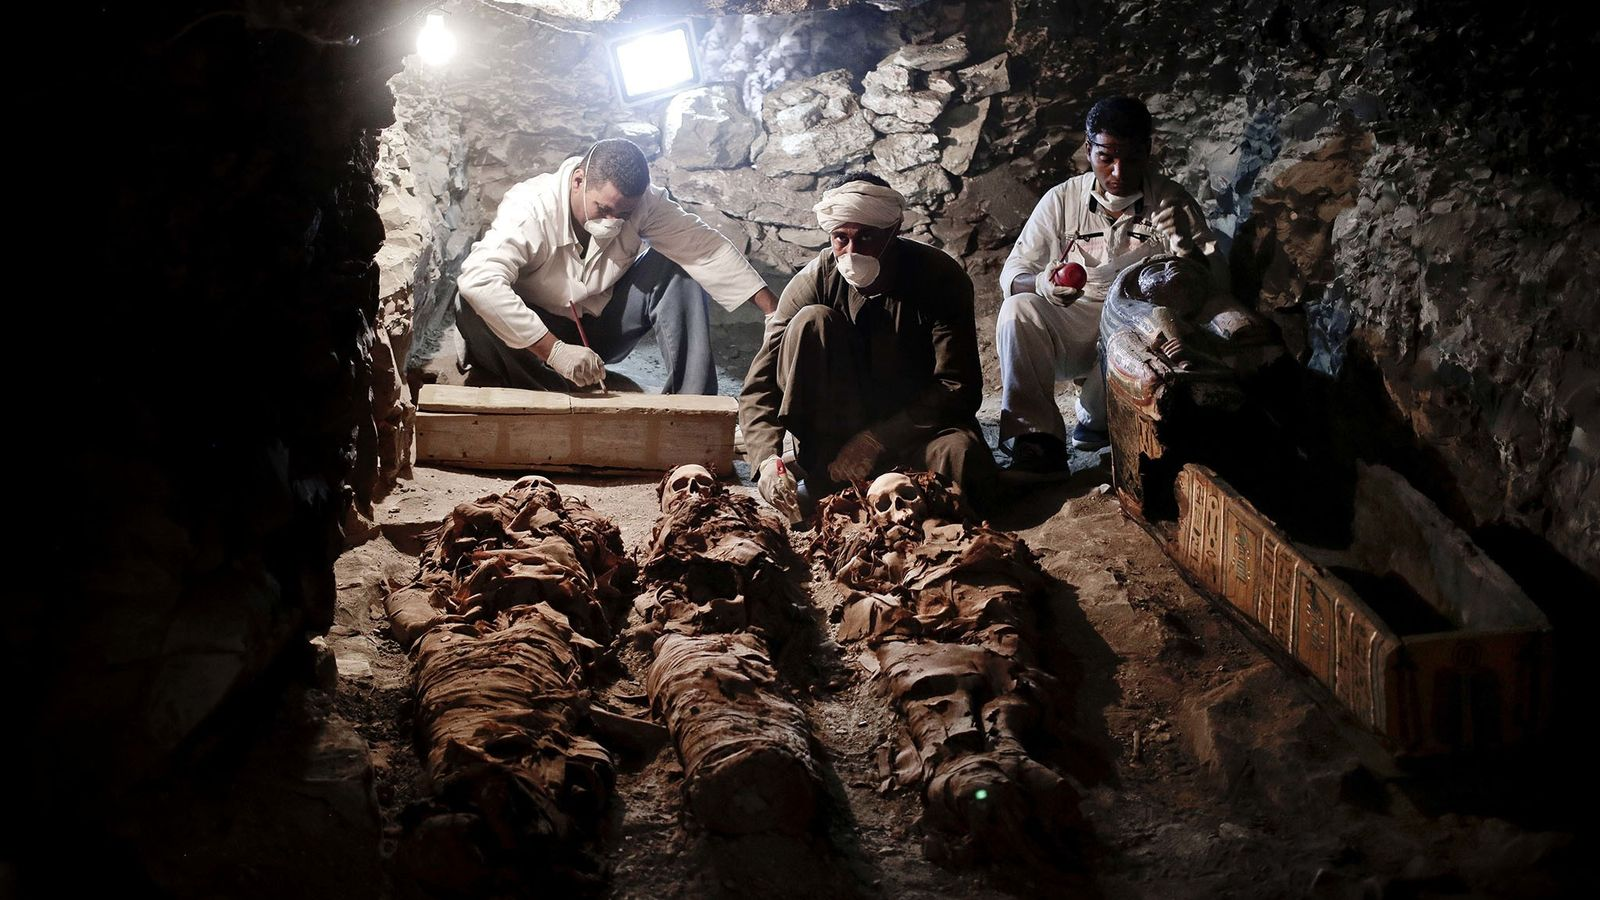 Le 9 septembre 2017 à Louxor, en Égypte, des archéologues analysent les momies découvertes dans la ...